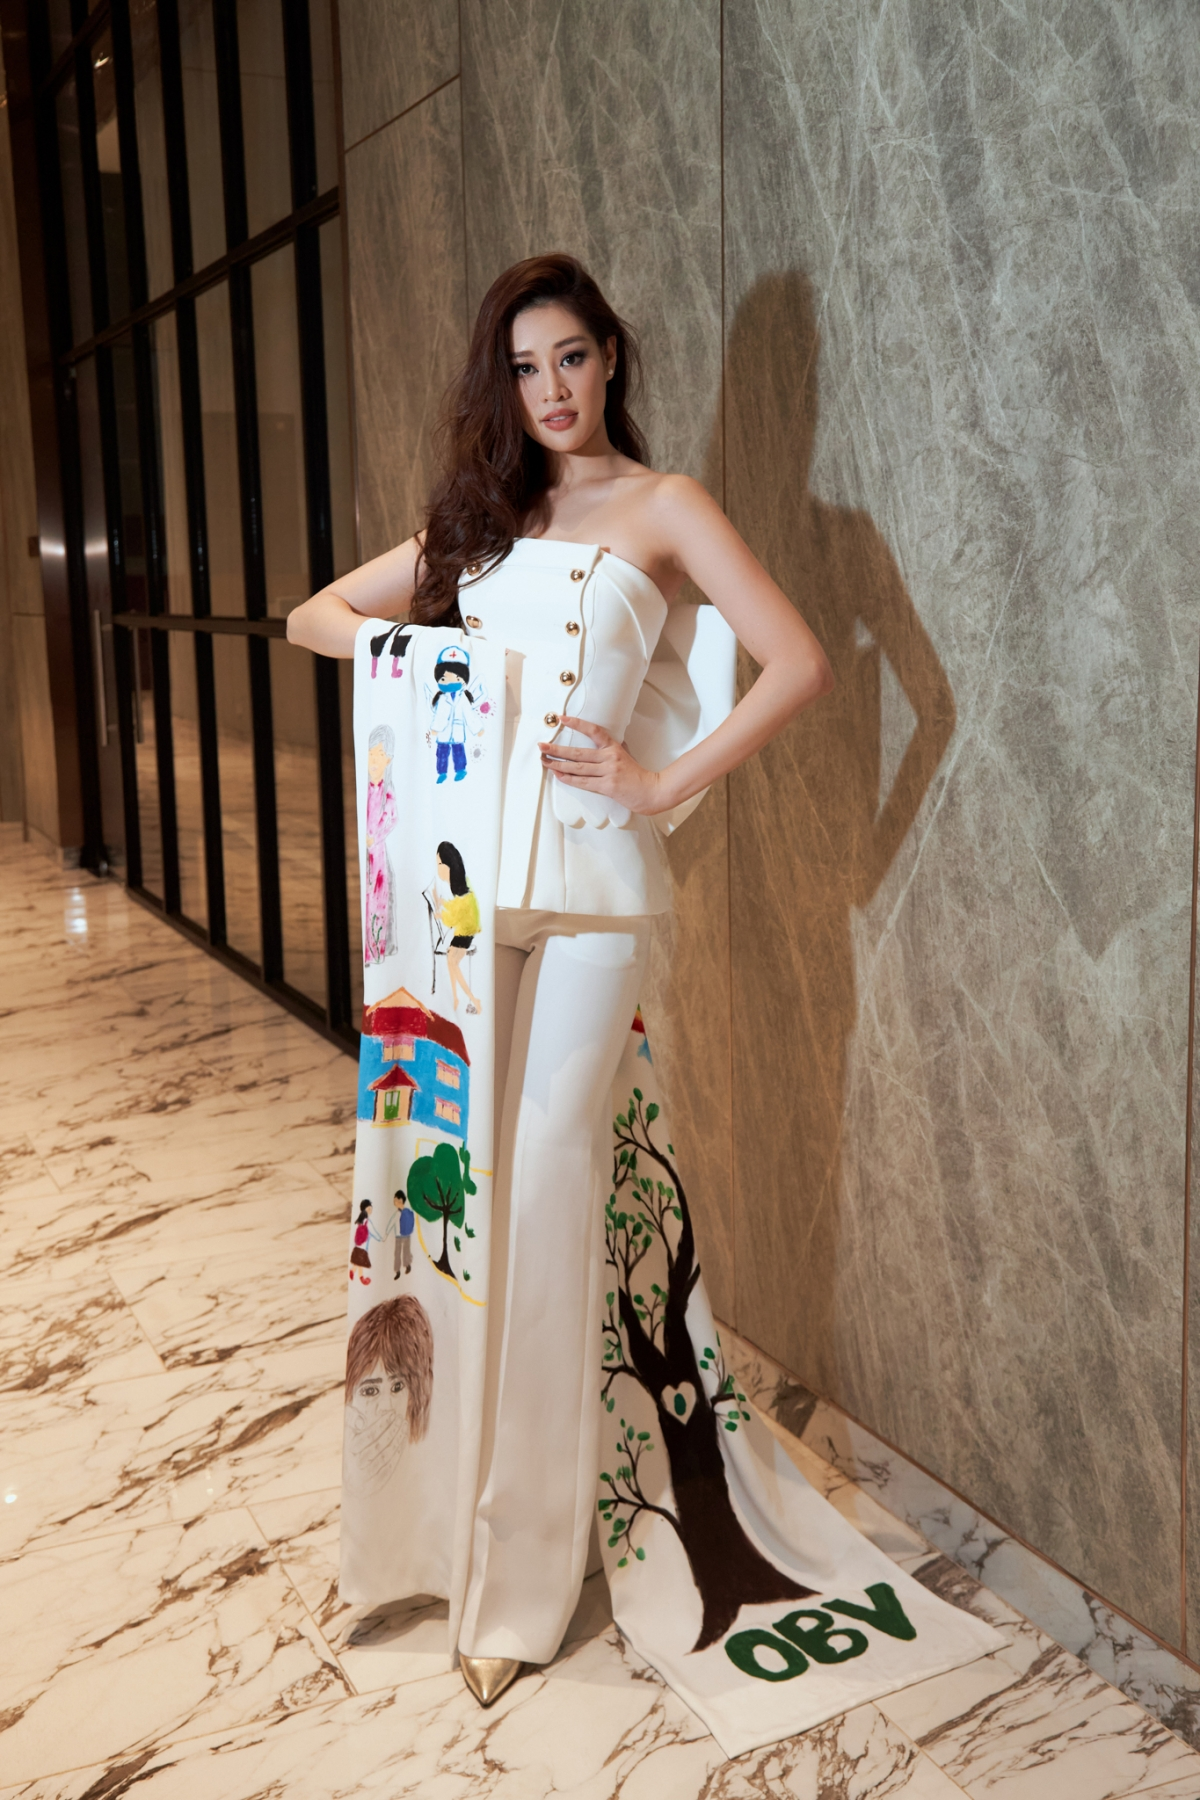 Đó là bộ vest trắng do nhà thiết kế Thượng Gia Kỳ may riêng dành cho Khánh Vân.